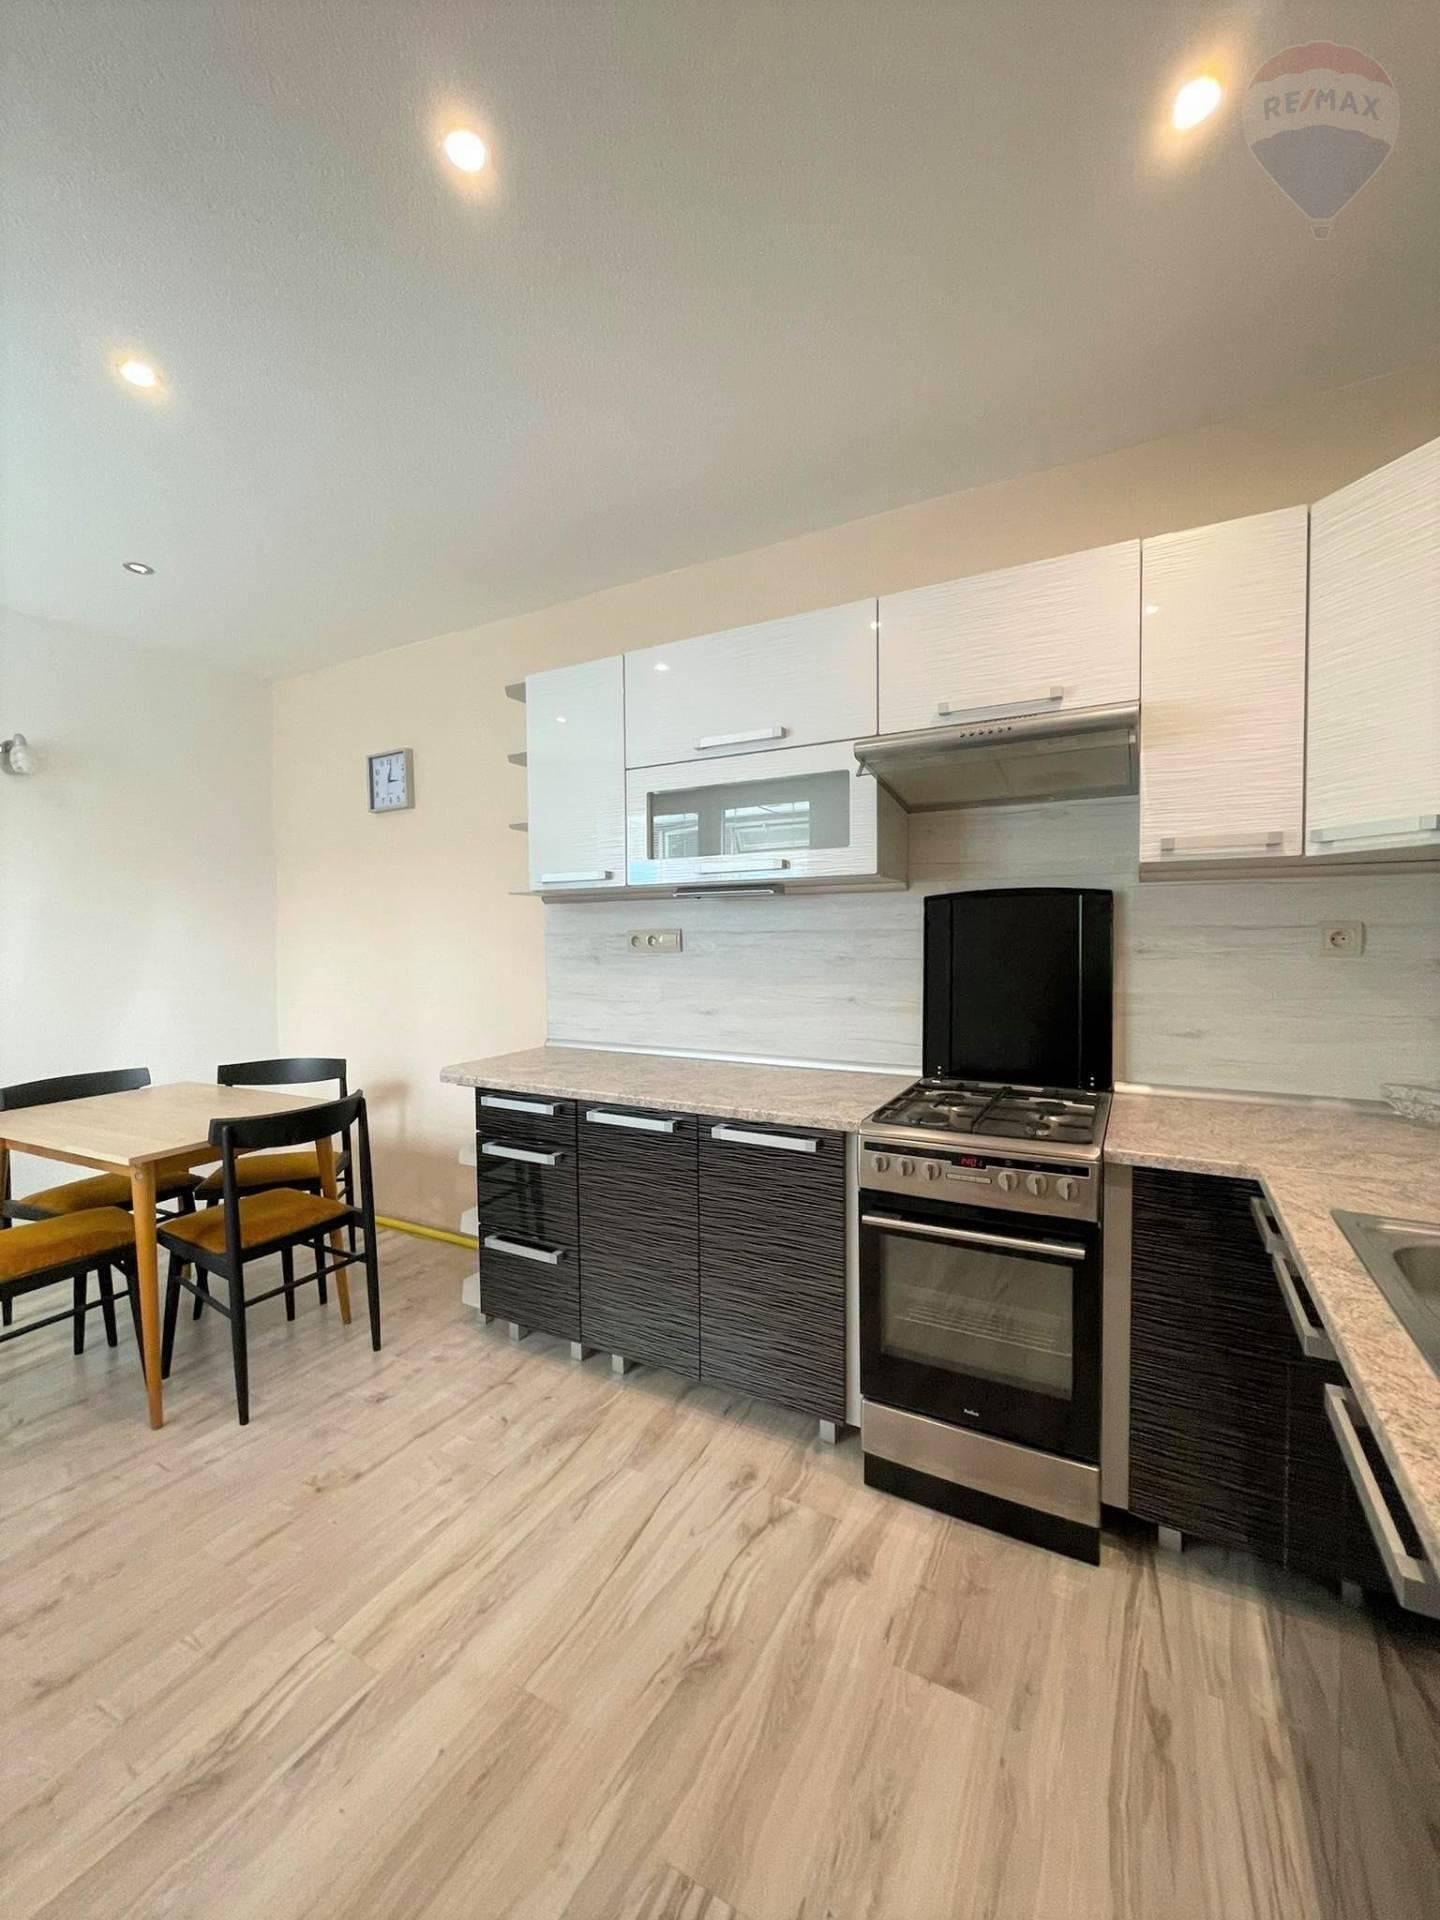 Predaj: 3 izbový byt  v Rodinnom dome po rekonštrukcii na Partizánskej ceste  v Banskej Bystrici